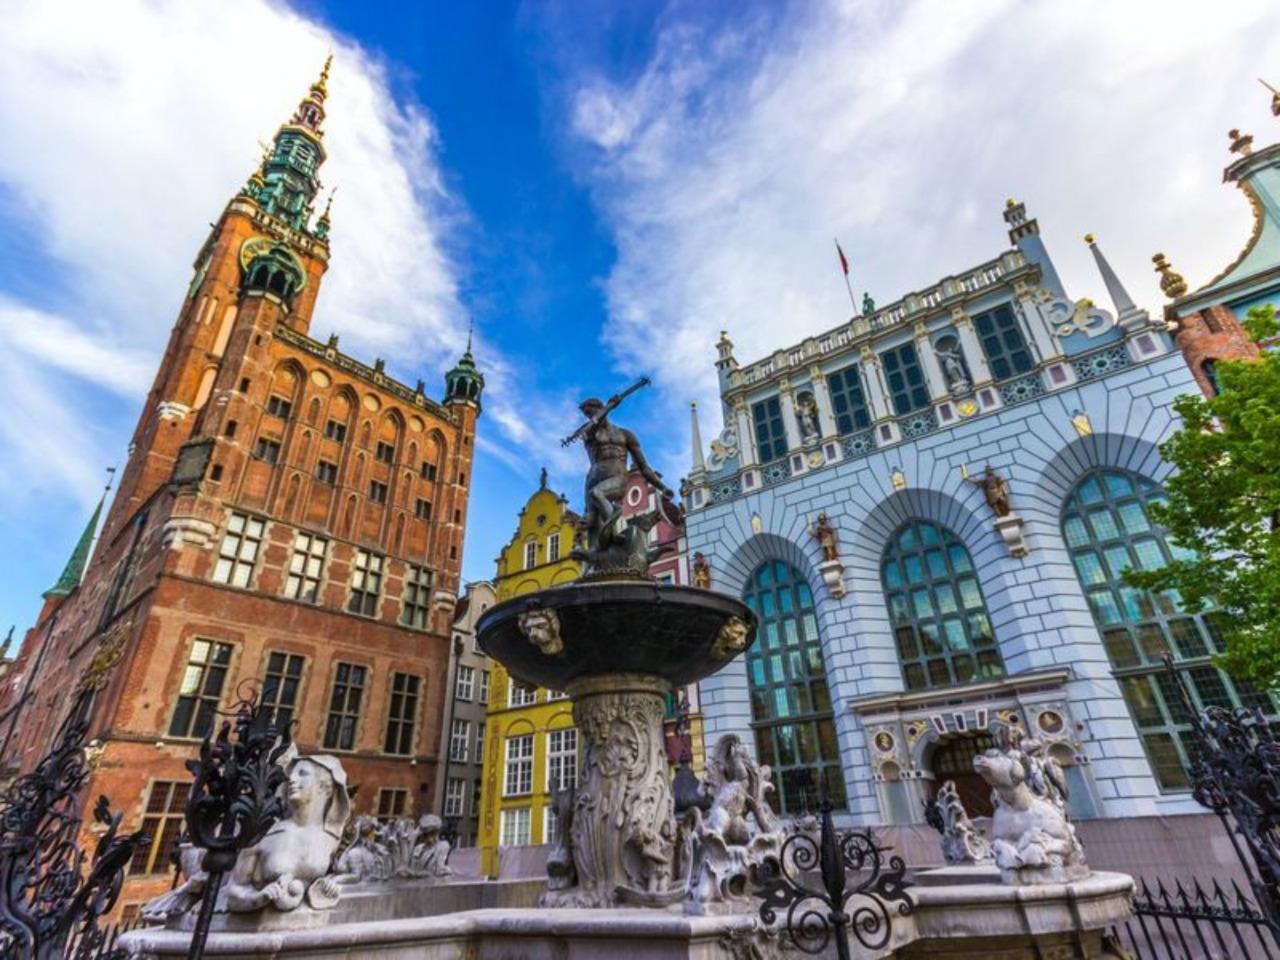 Из Калининграда в Польшу: Гданьск и Мальборк - индивидуальная экскурсия в Калининграде от опытного гида